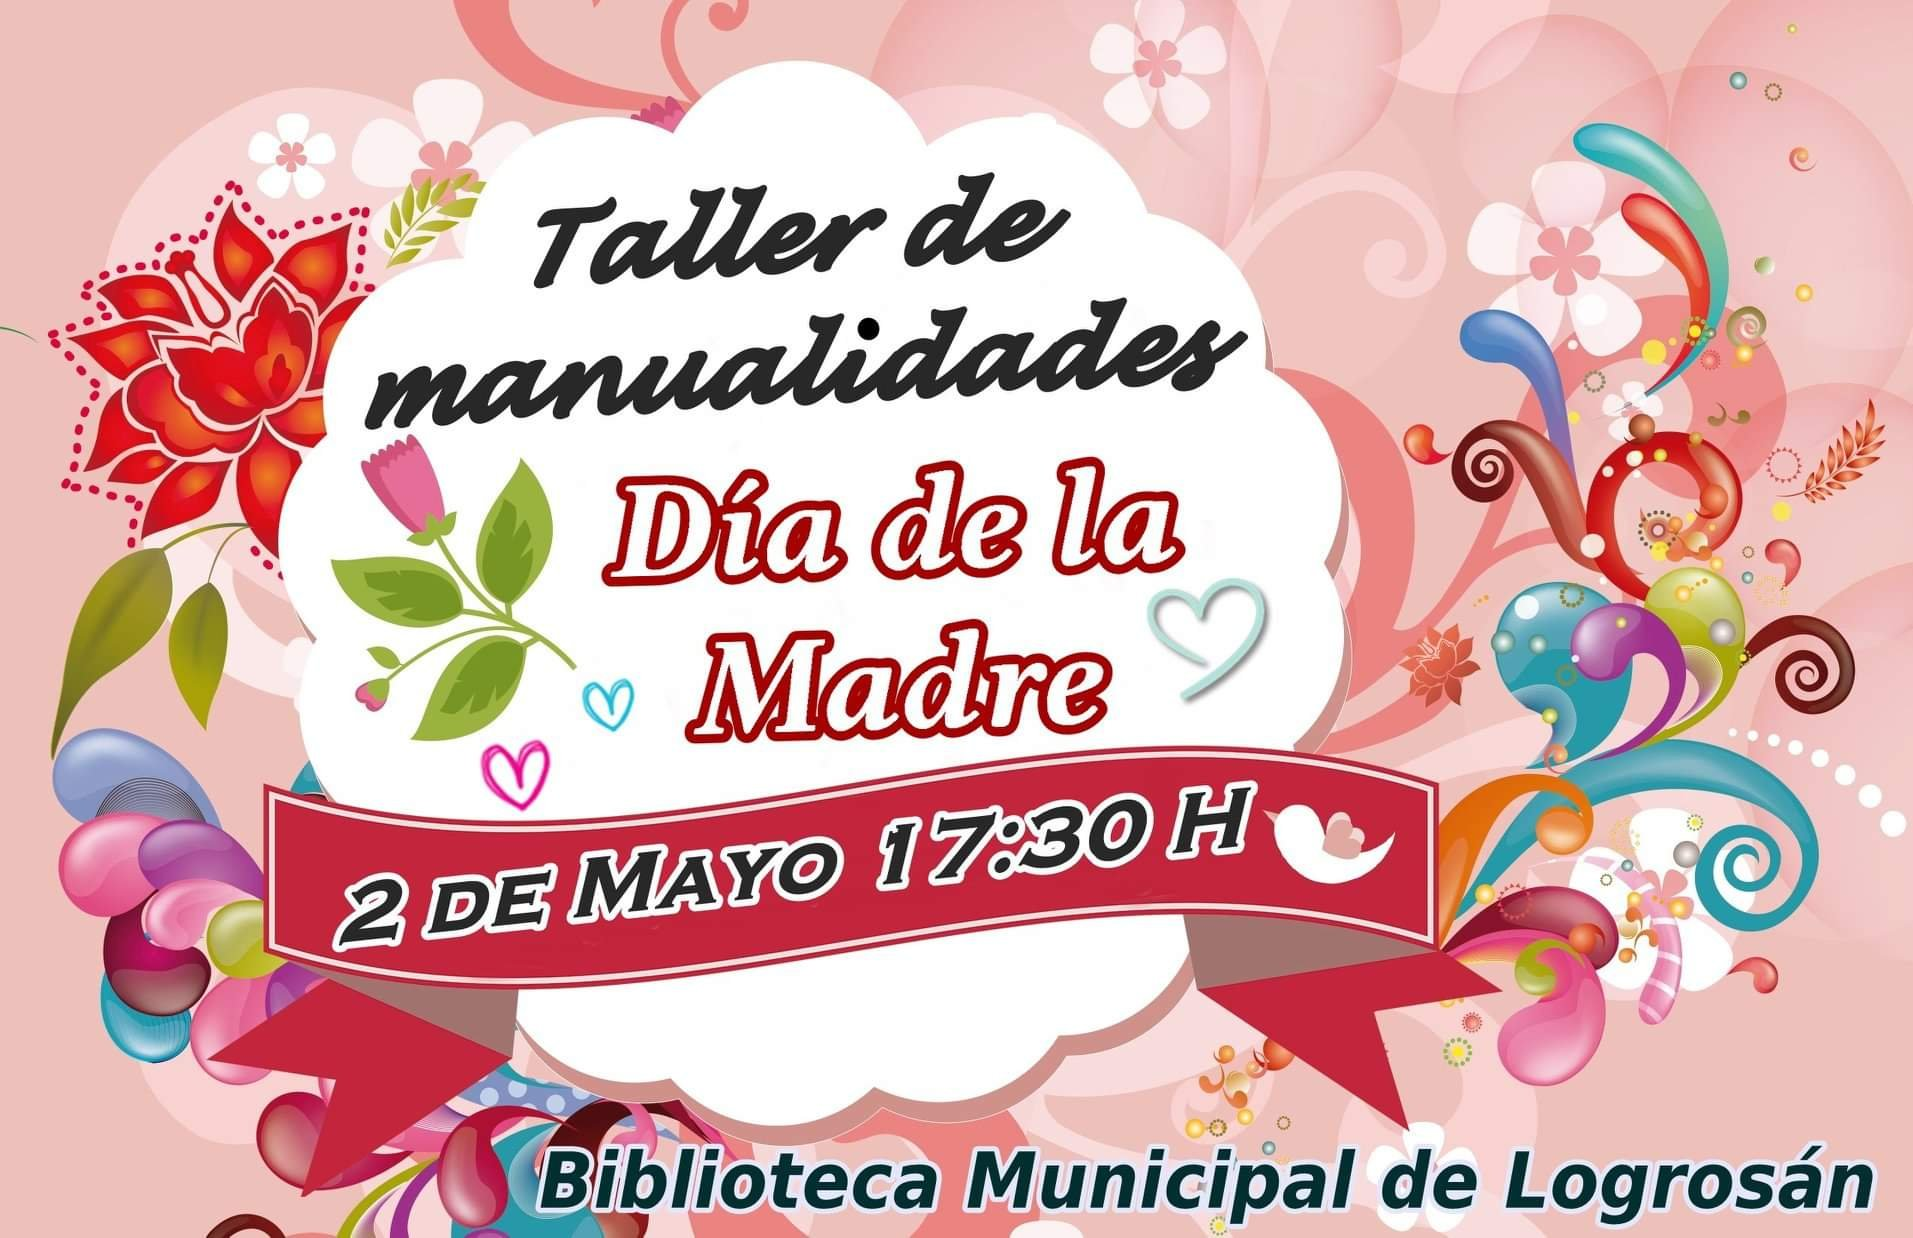 Taller de manualidades del Día de la Madre 2019 - Logrosán (Cáceres)